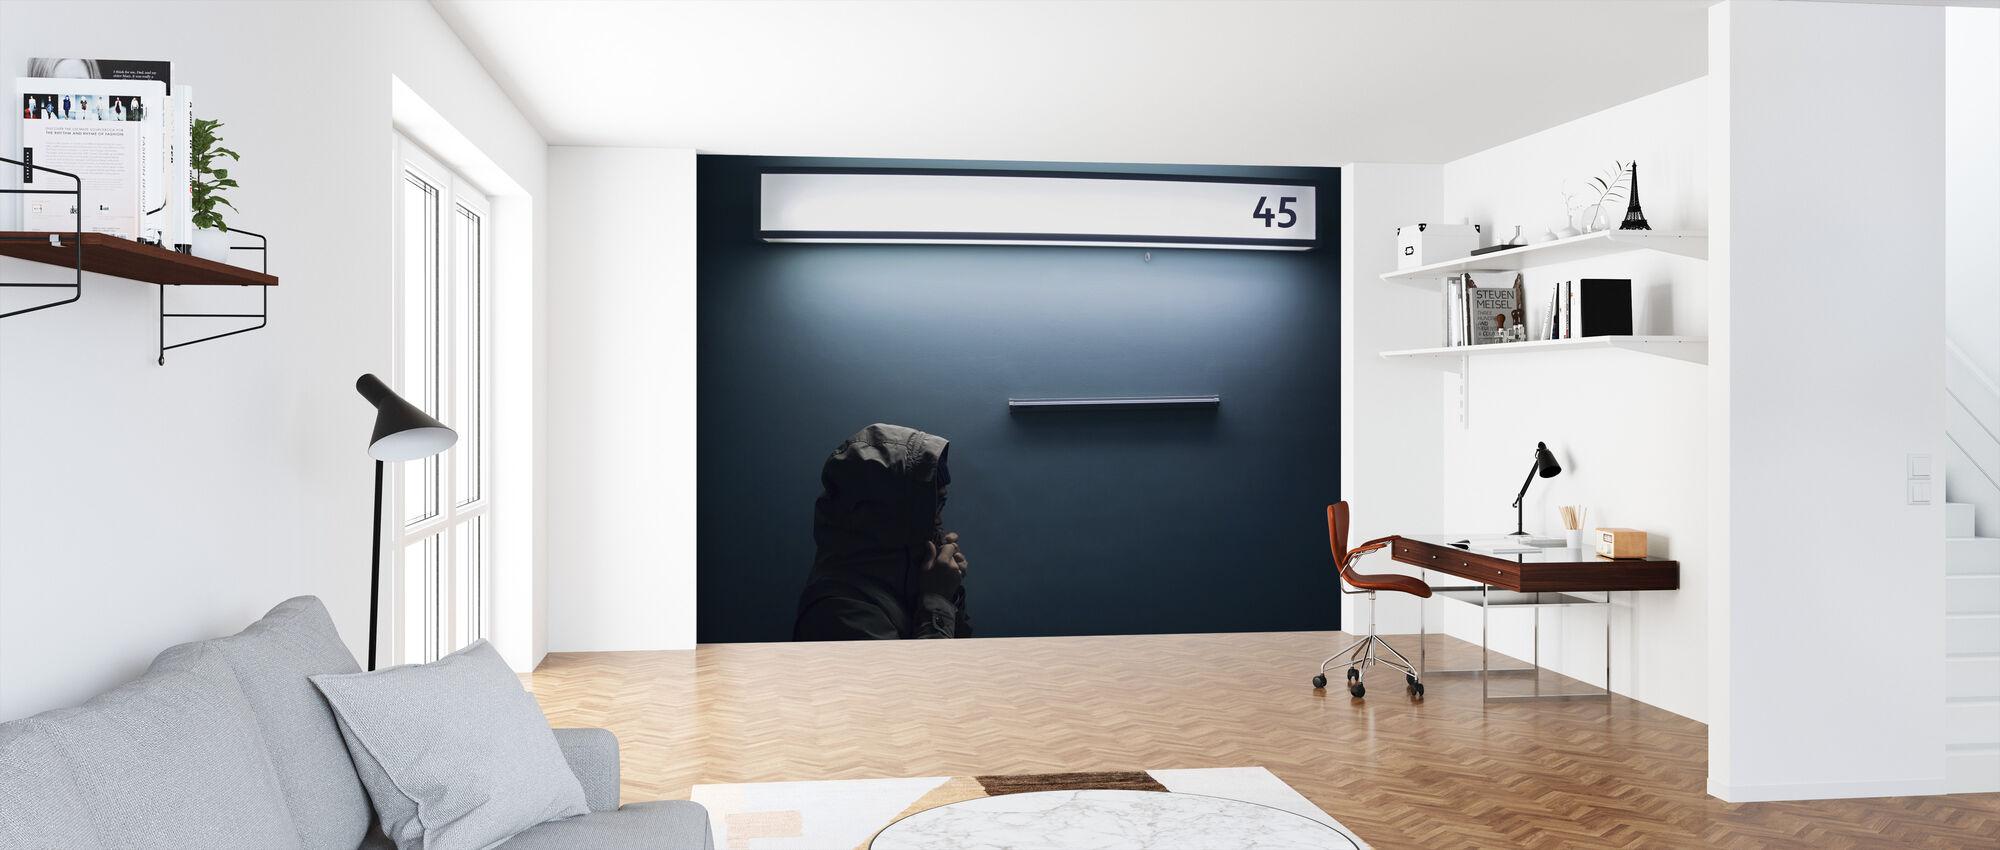 45 - Tapet - Kontor